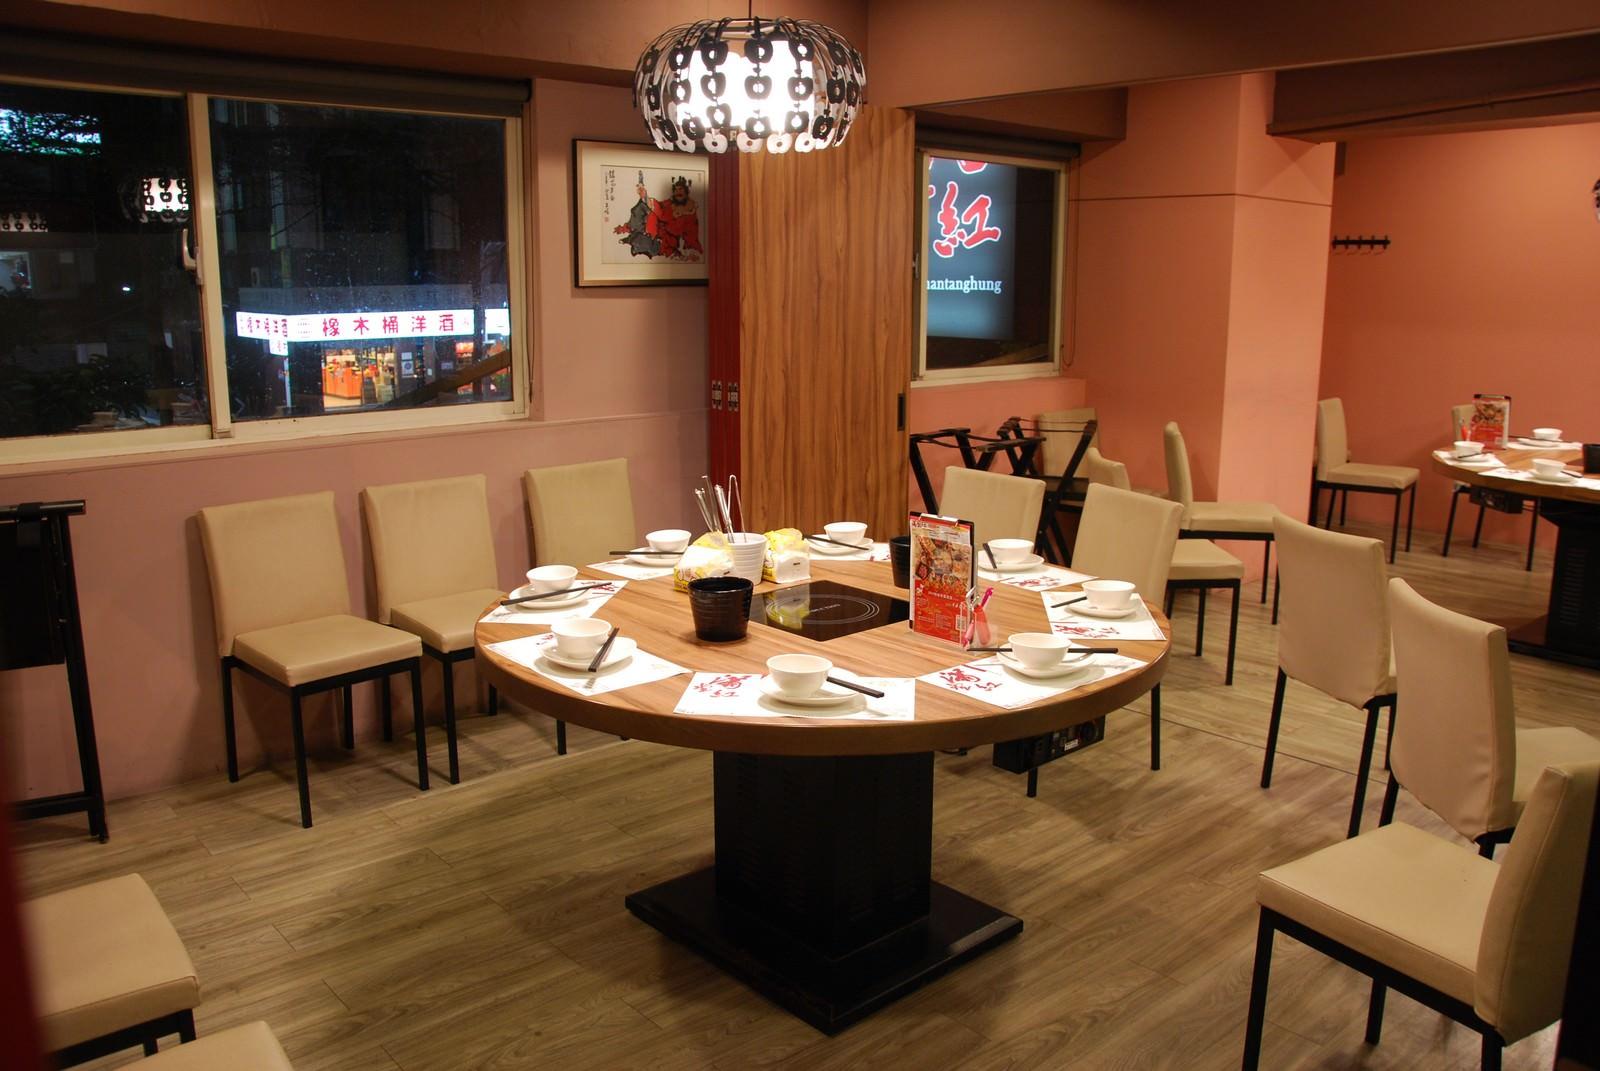 滿堂紅頂級麻辣鴛鴦鍋@台北松江店, 內部裝潢與用餐空間